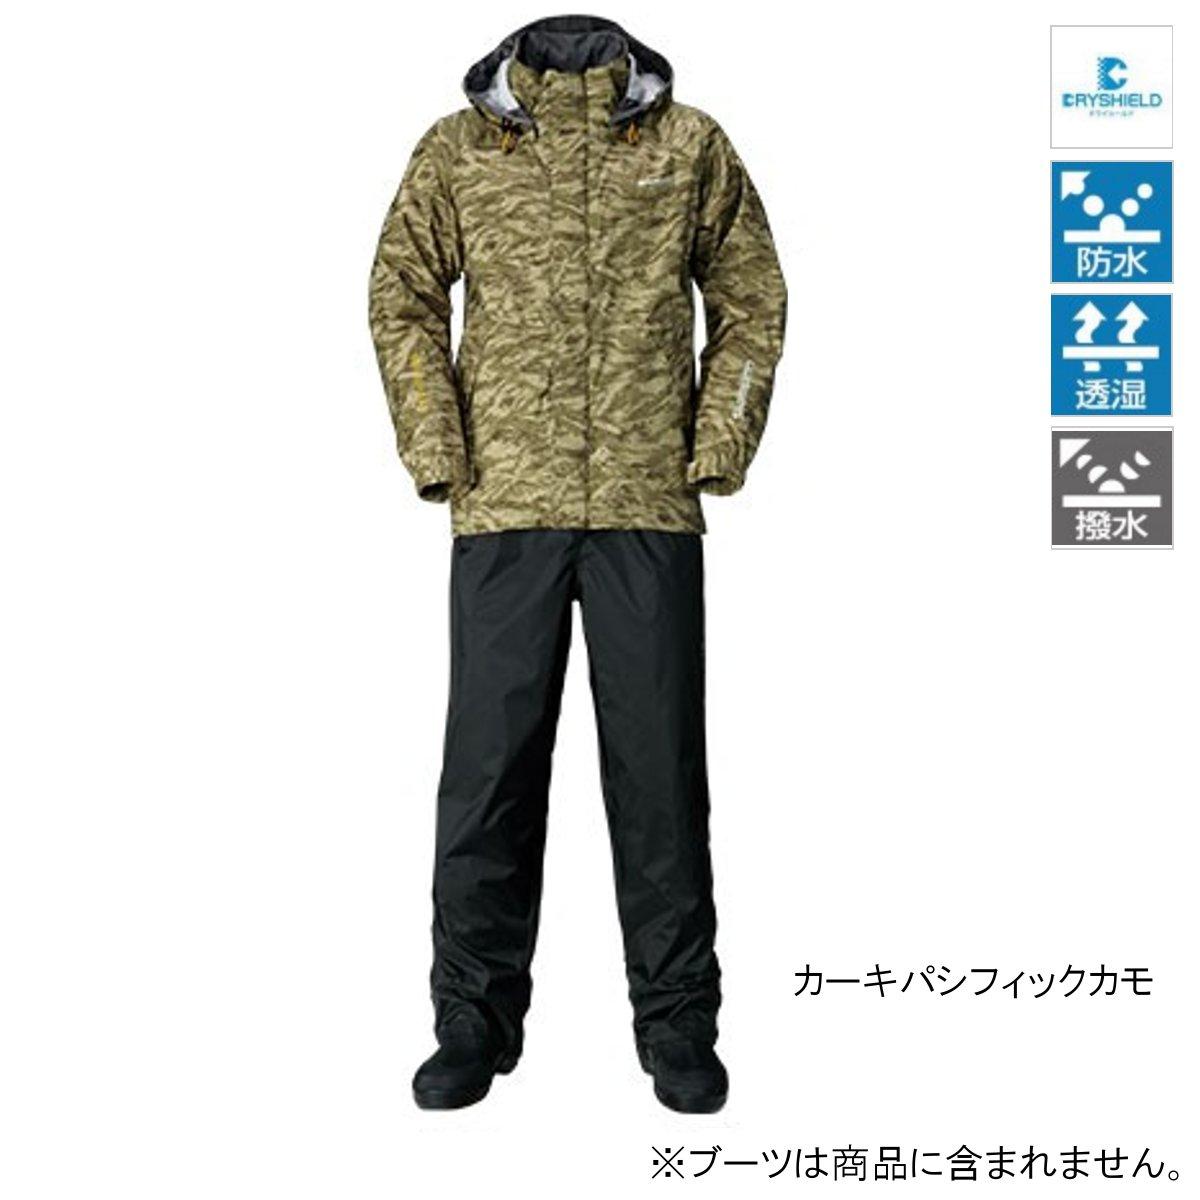 シマノ DSベーシックスーツ RA-027Q 2XL カーキパシフィックカモ